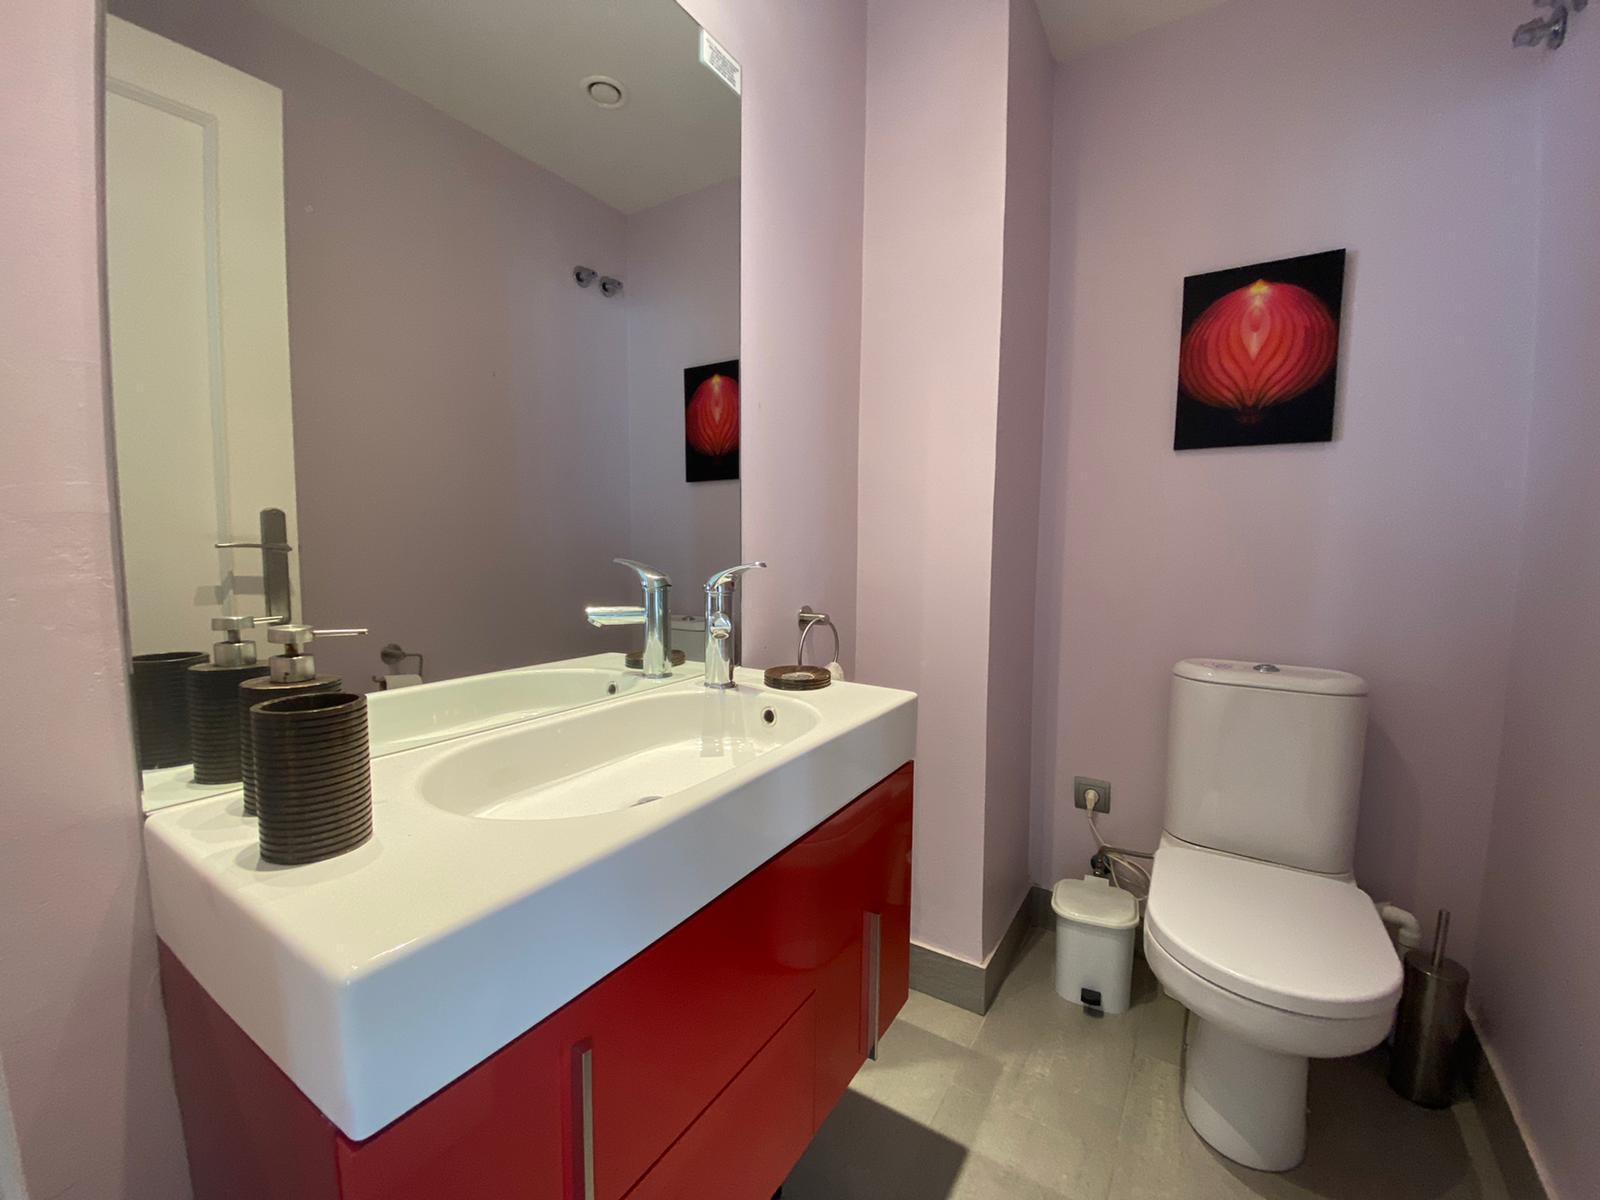 Imagen 21 del Apartamento Turístico, Ático 1 Poniente (3d+2b), Punta del Moral (HUELVA), Paseo de la Cruz nº22